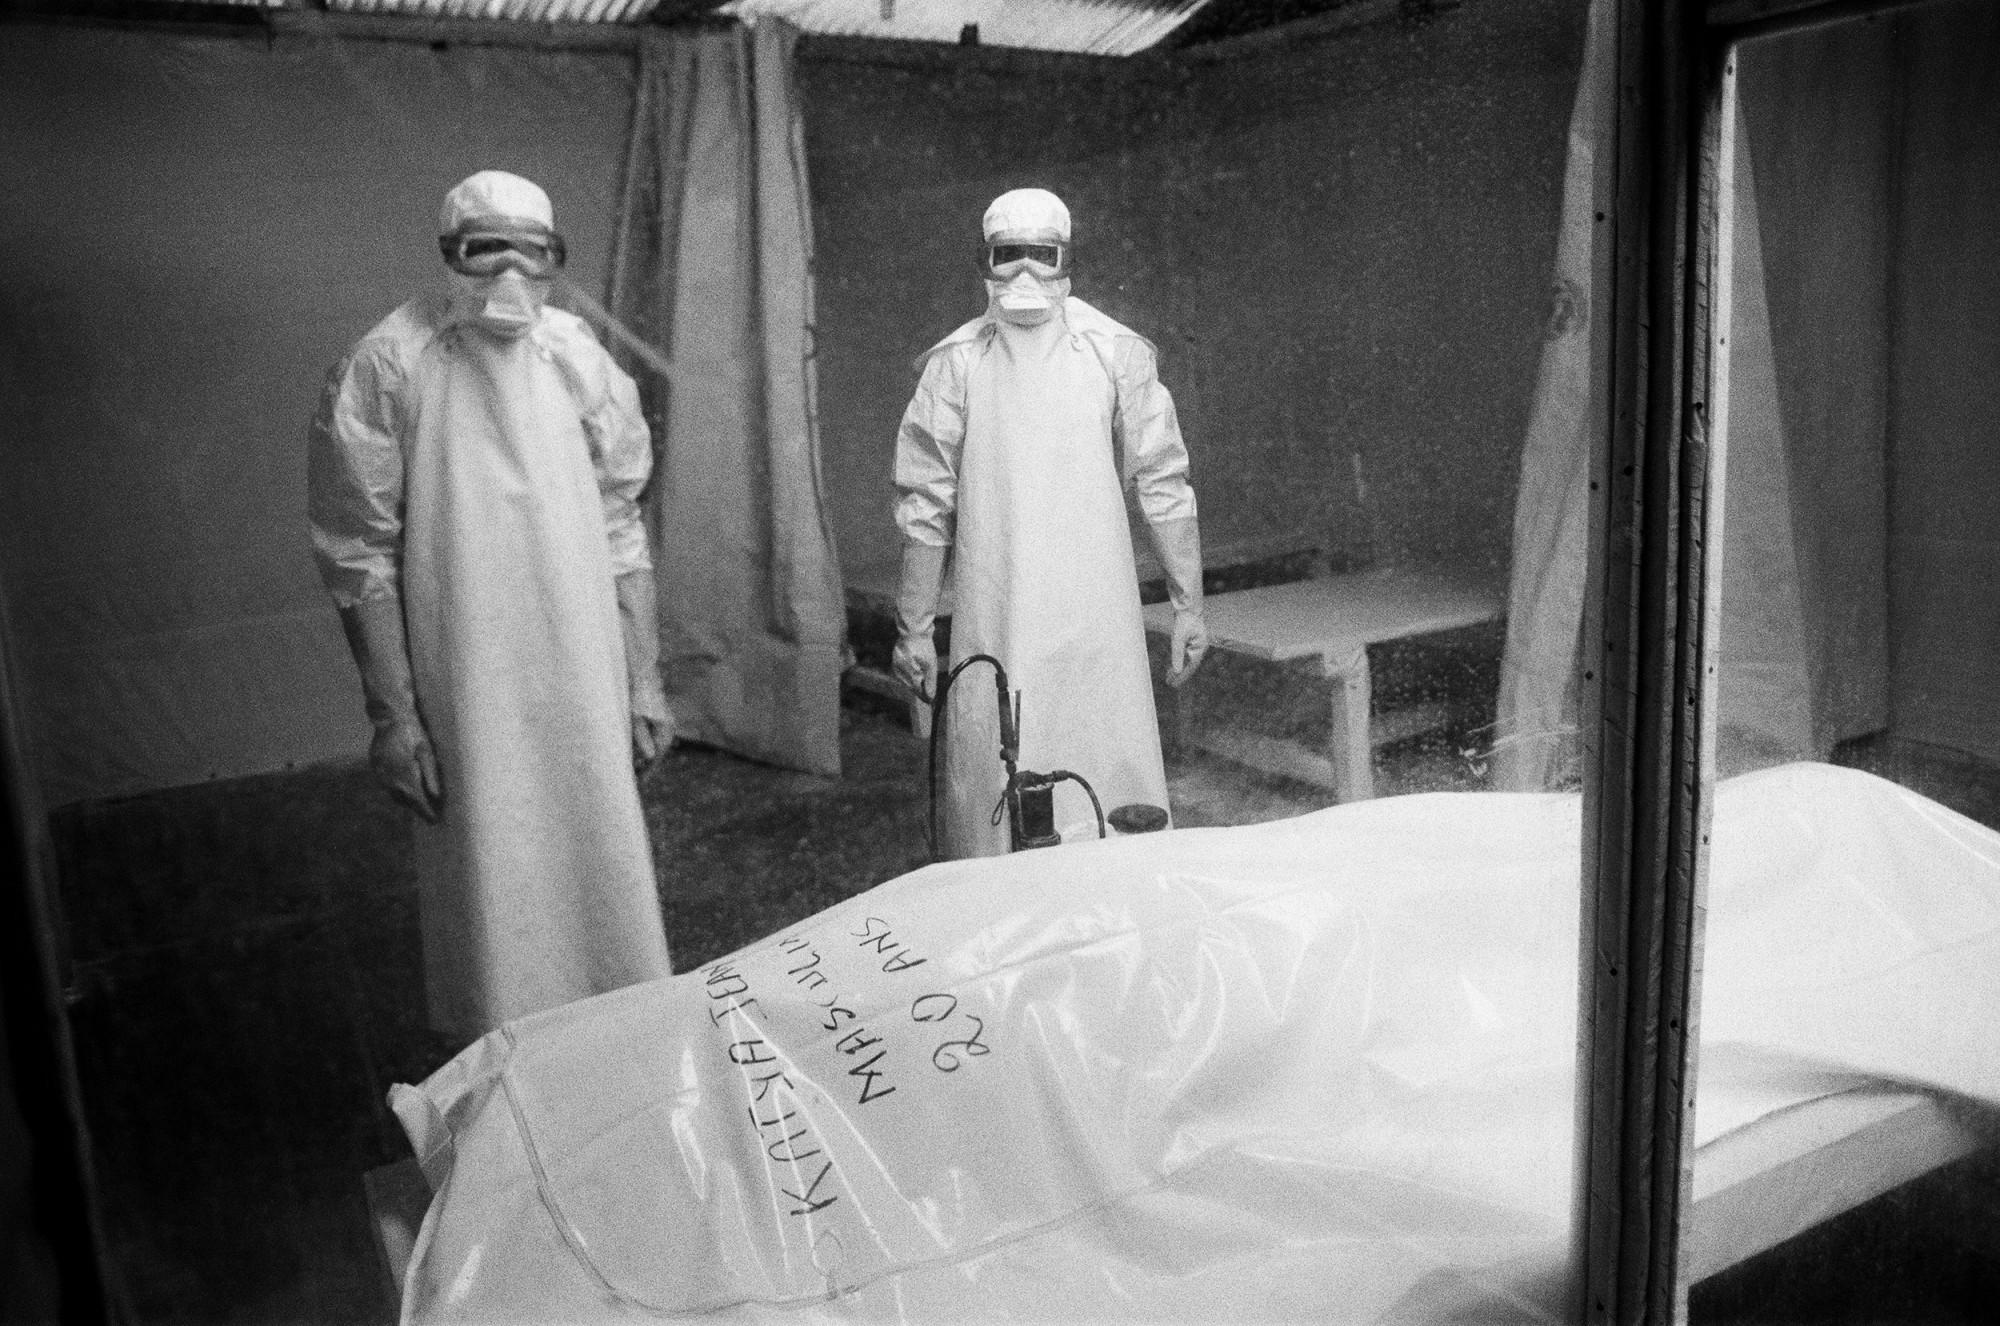 Hình ảnh được chụp tại Trung tâm điều trị dịch Ebola thuộc Cộng hòa Dân chủ Congo